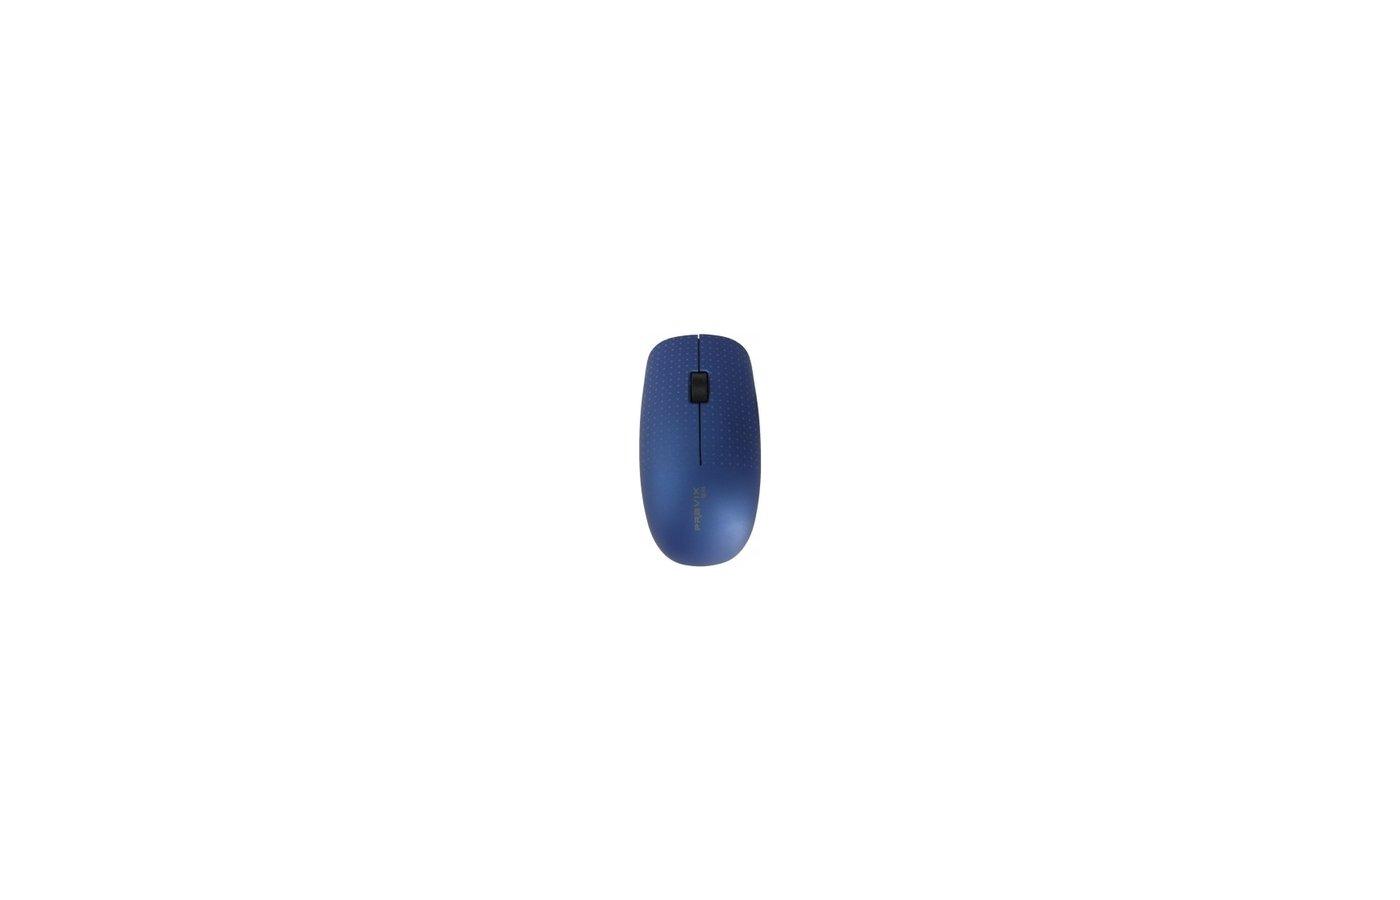 Мышь беспроводная Pravix JRM-V09N темно-синий.